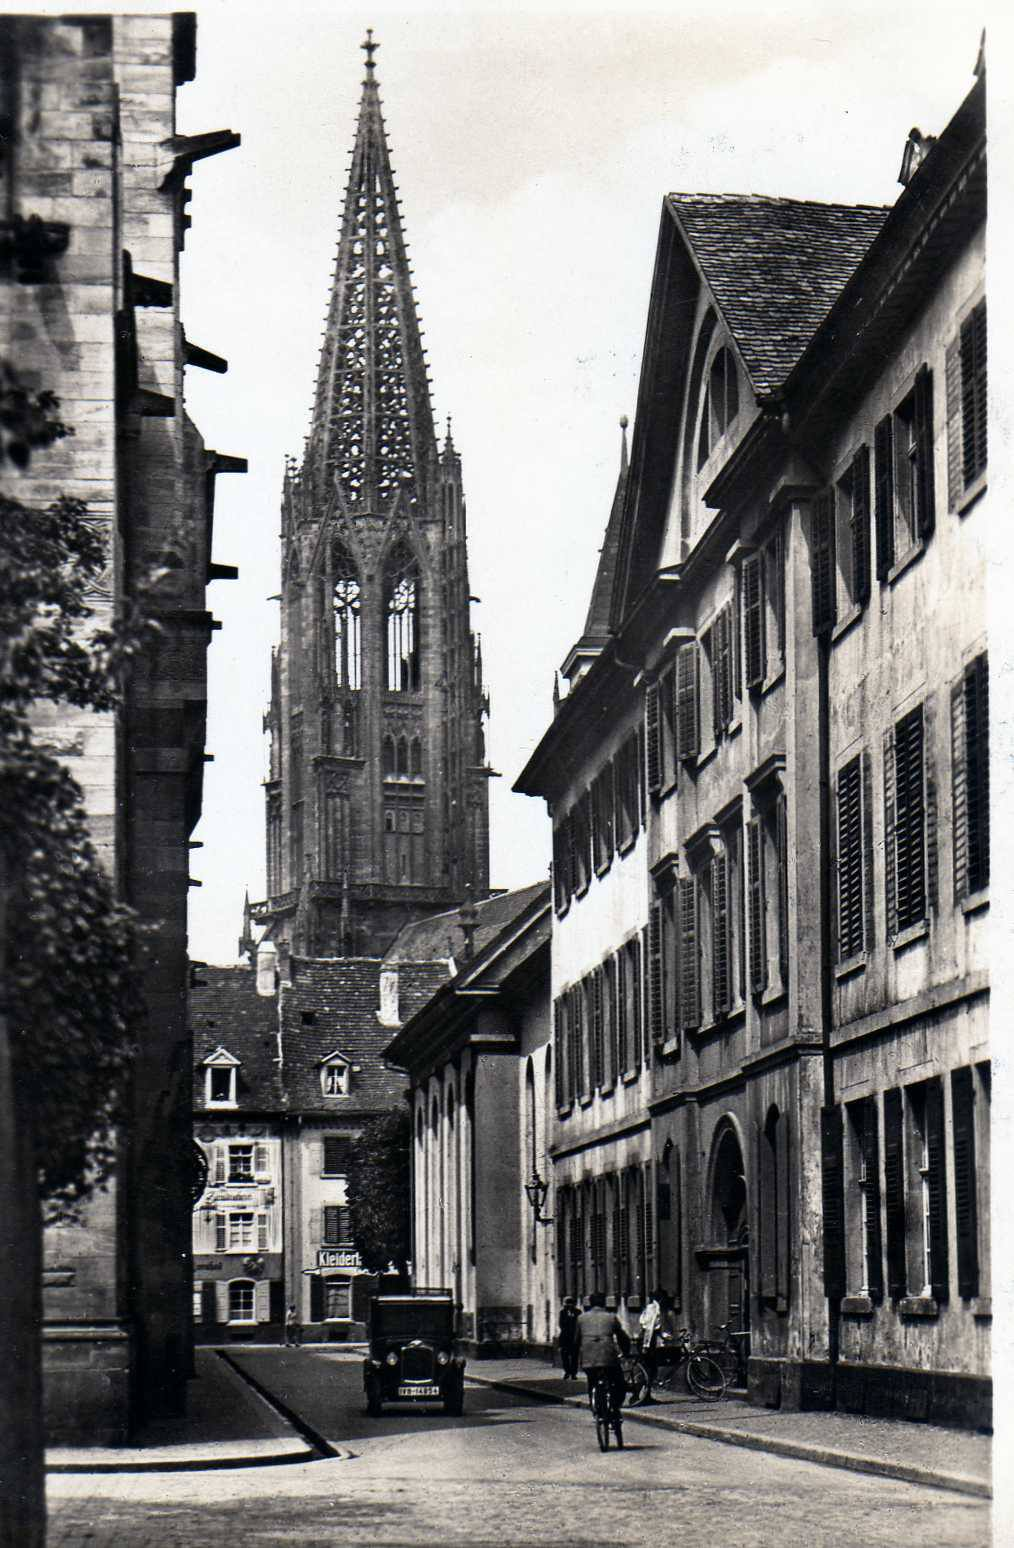 Schoferstrasse Freiburg 1920